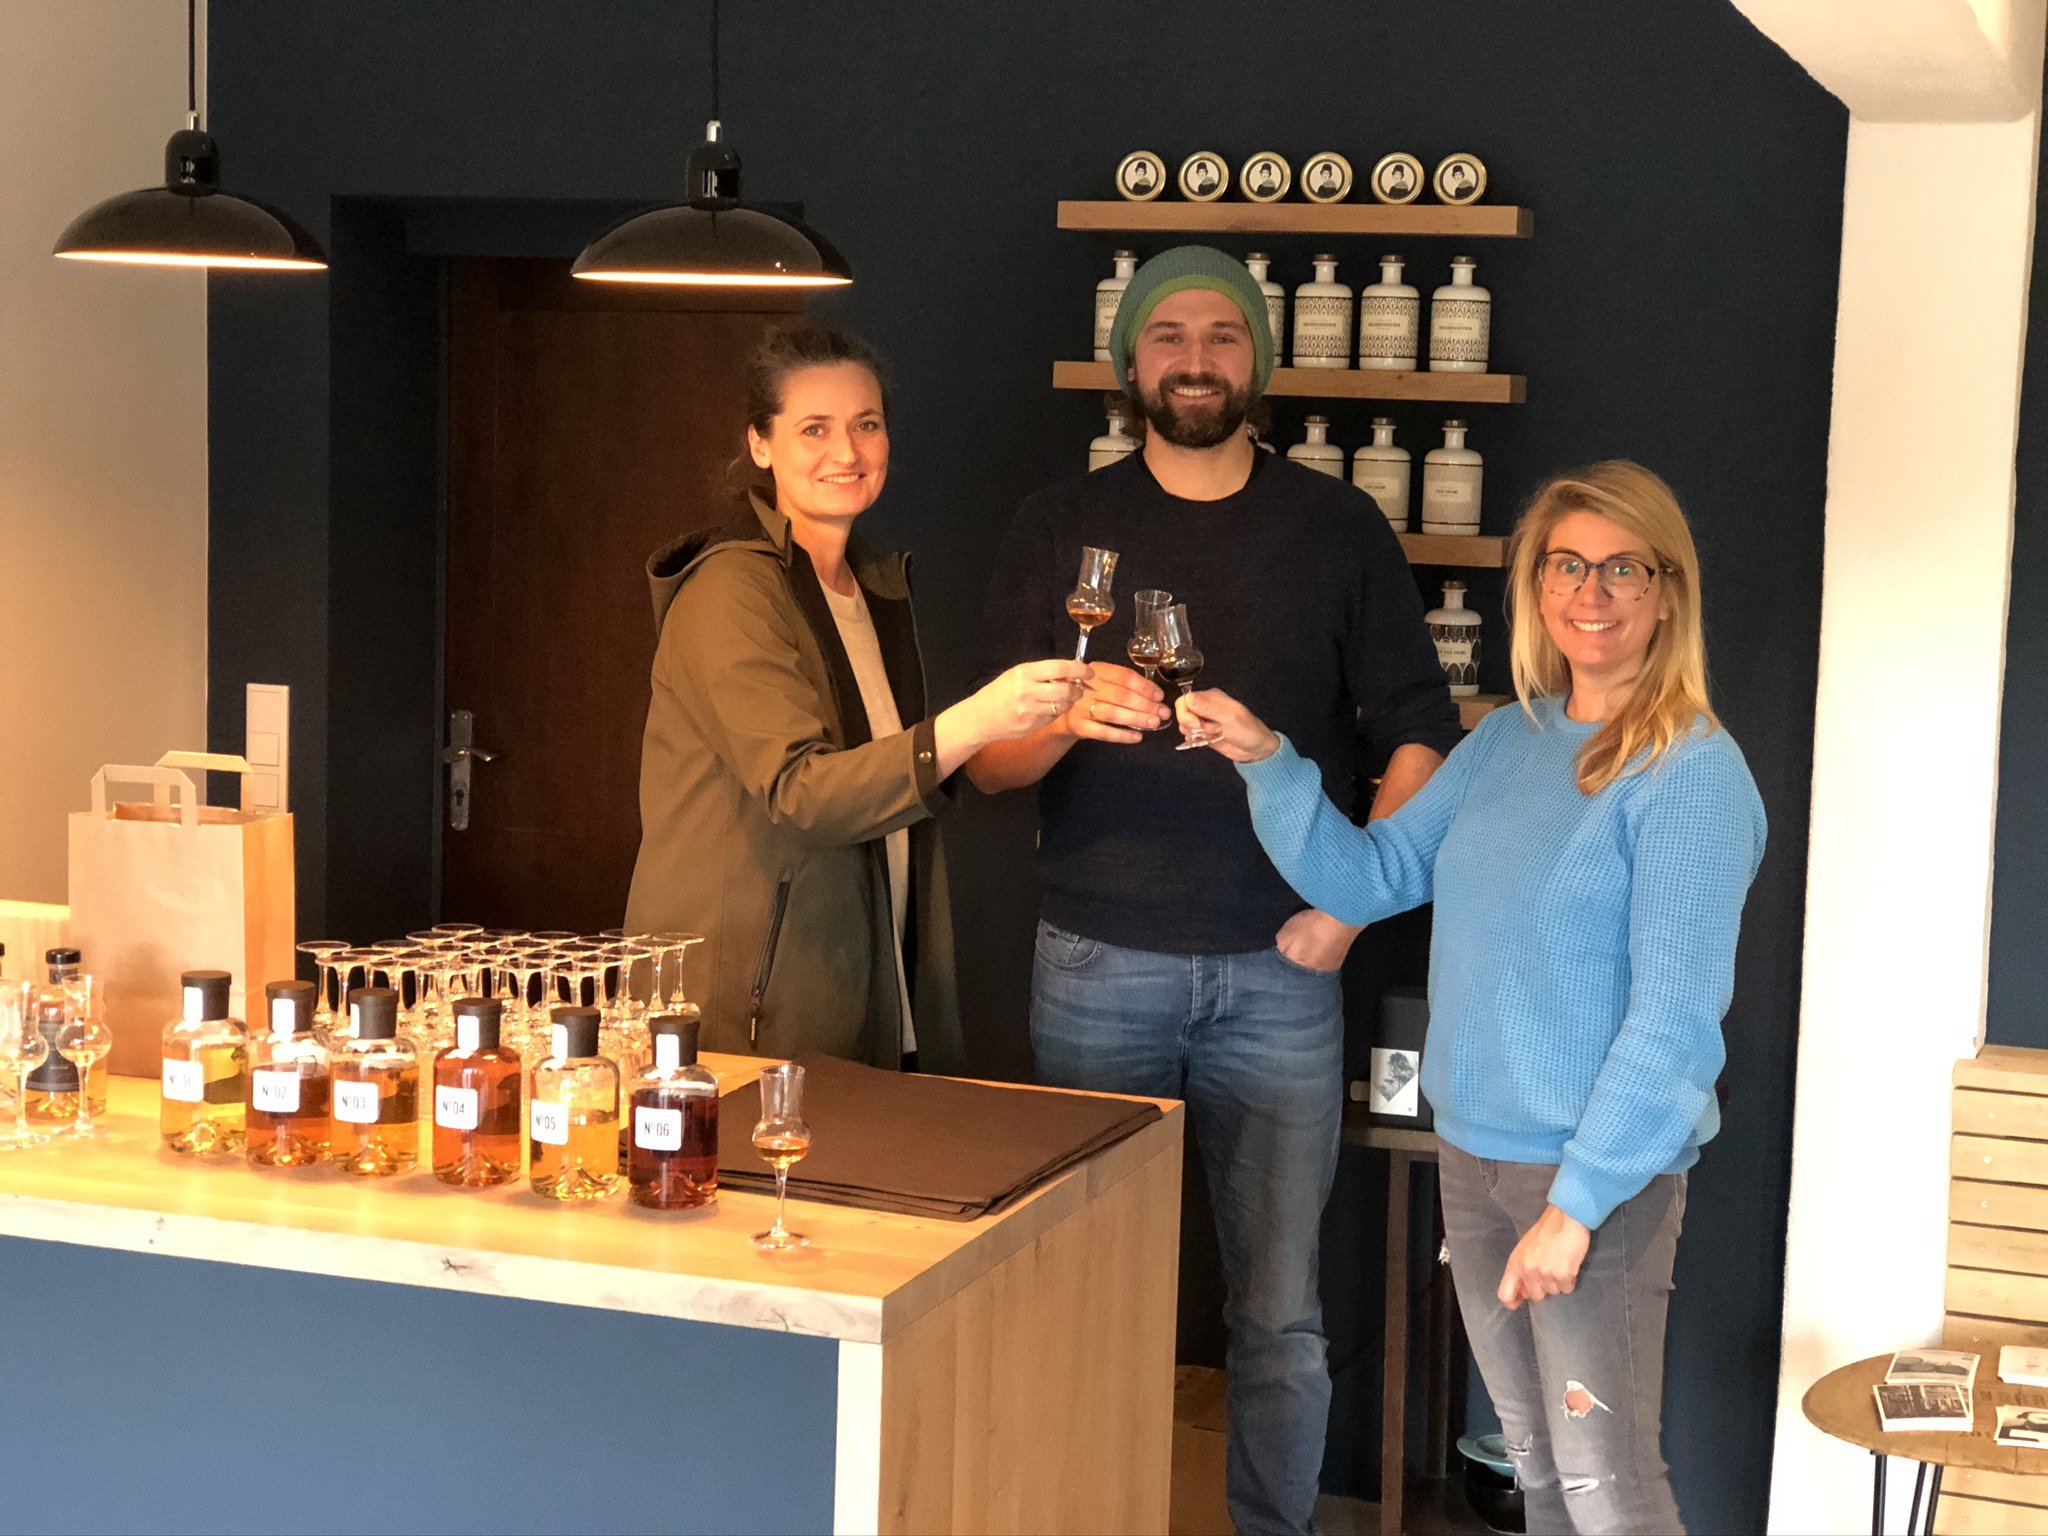 Verkostung der Spirituosen in der Brennerei Ehringhausen